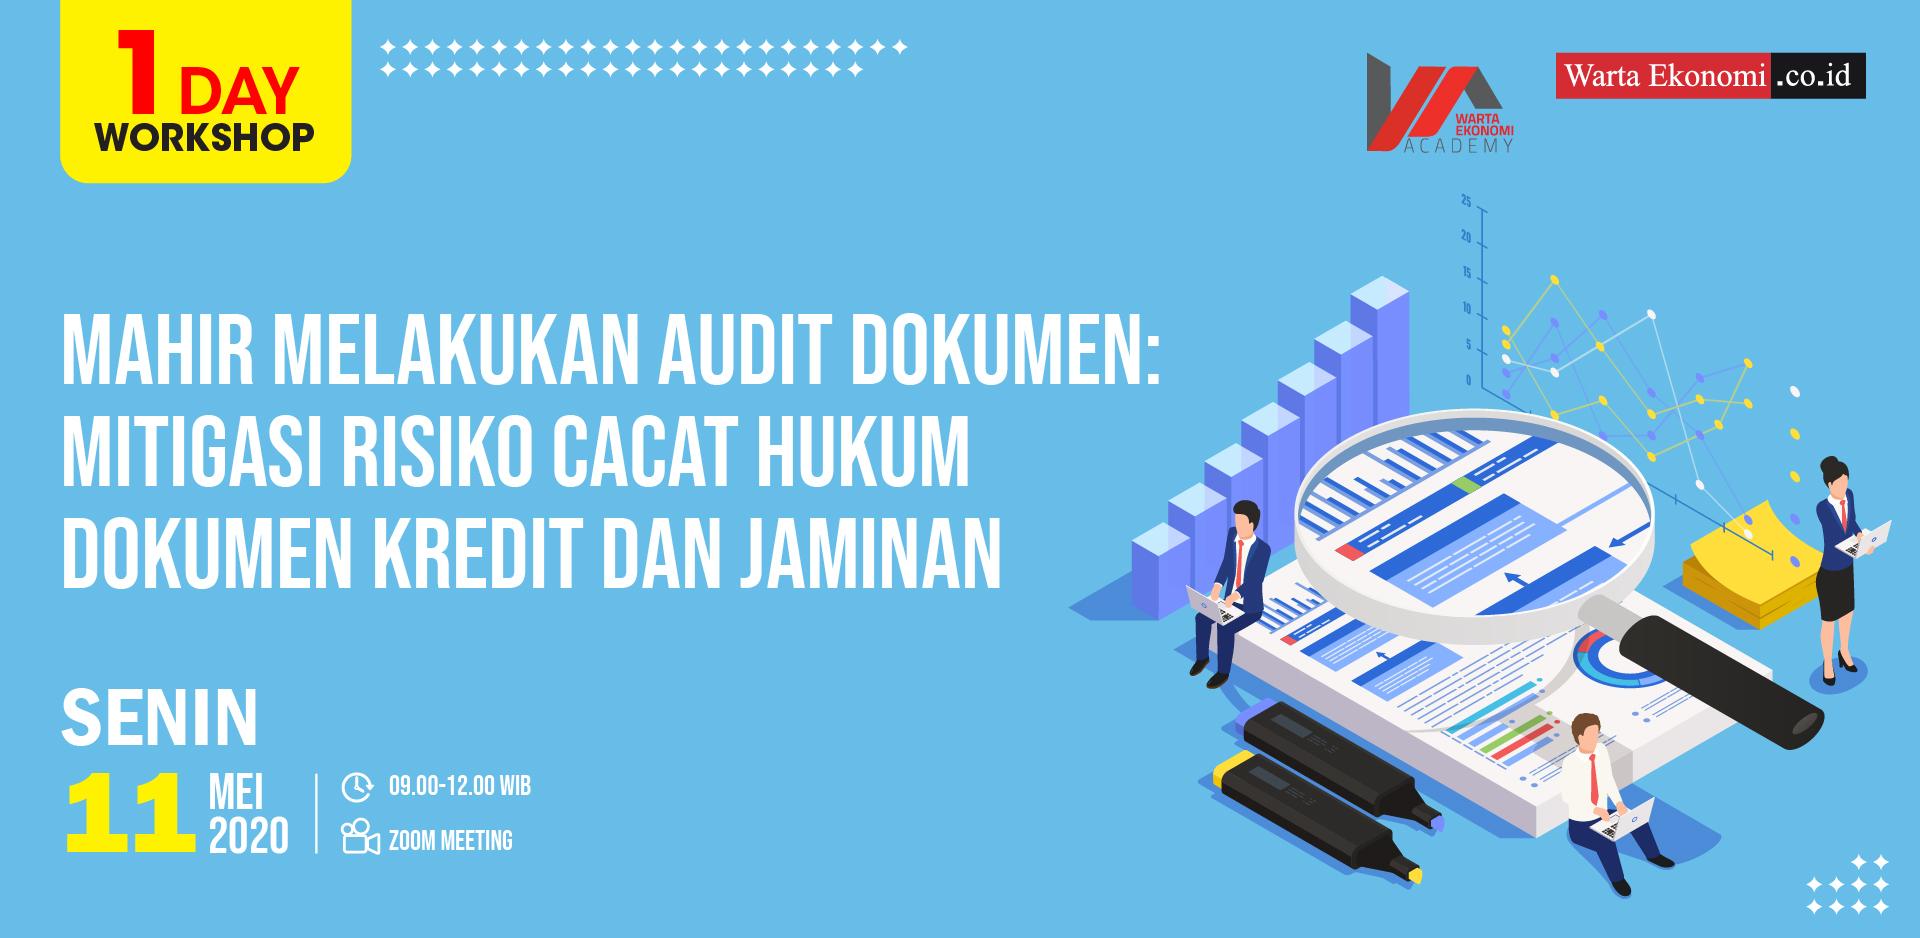 Mahir Melakukan Audit Dokumen: Mitigasi Risiko Cacat Hukum Dokumen Kredit Dan Jaminan